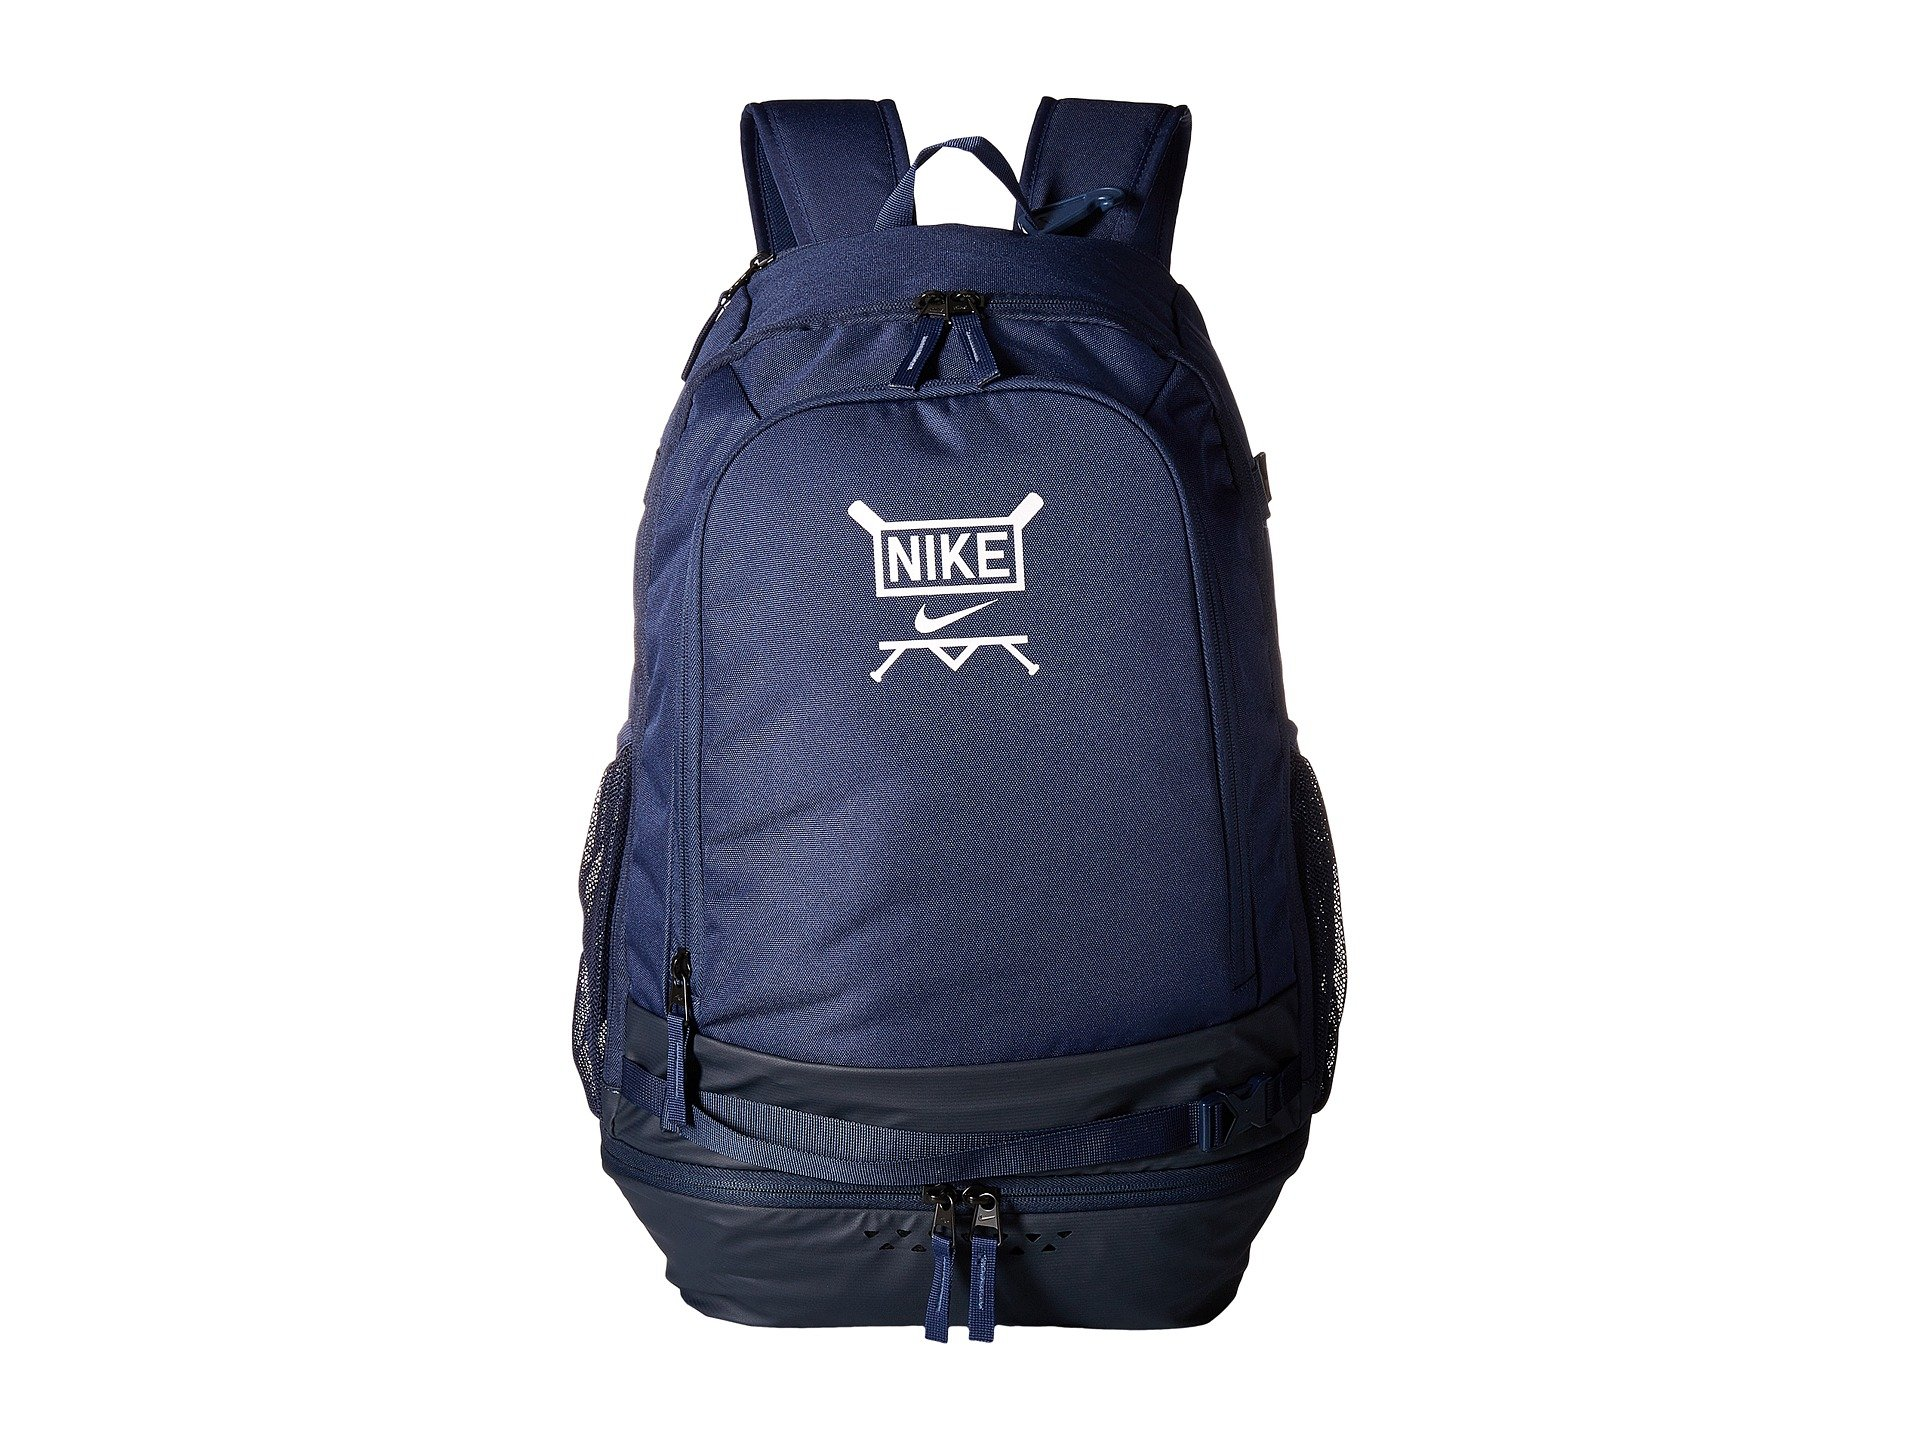 1beb6a348390 Nike Vapor Select Baseball Backpack at Zappos.com